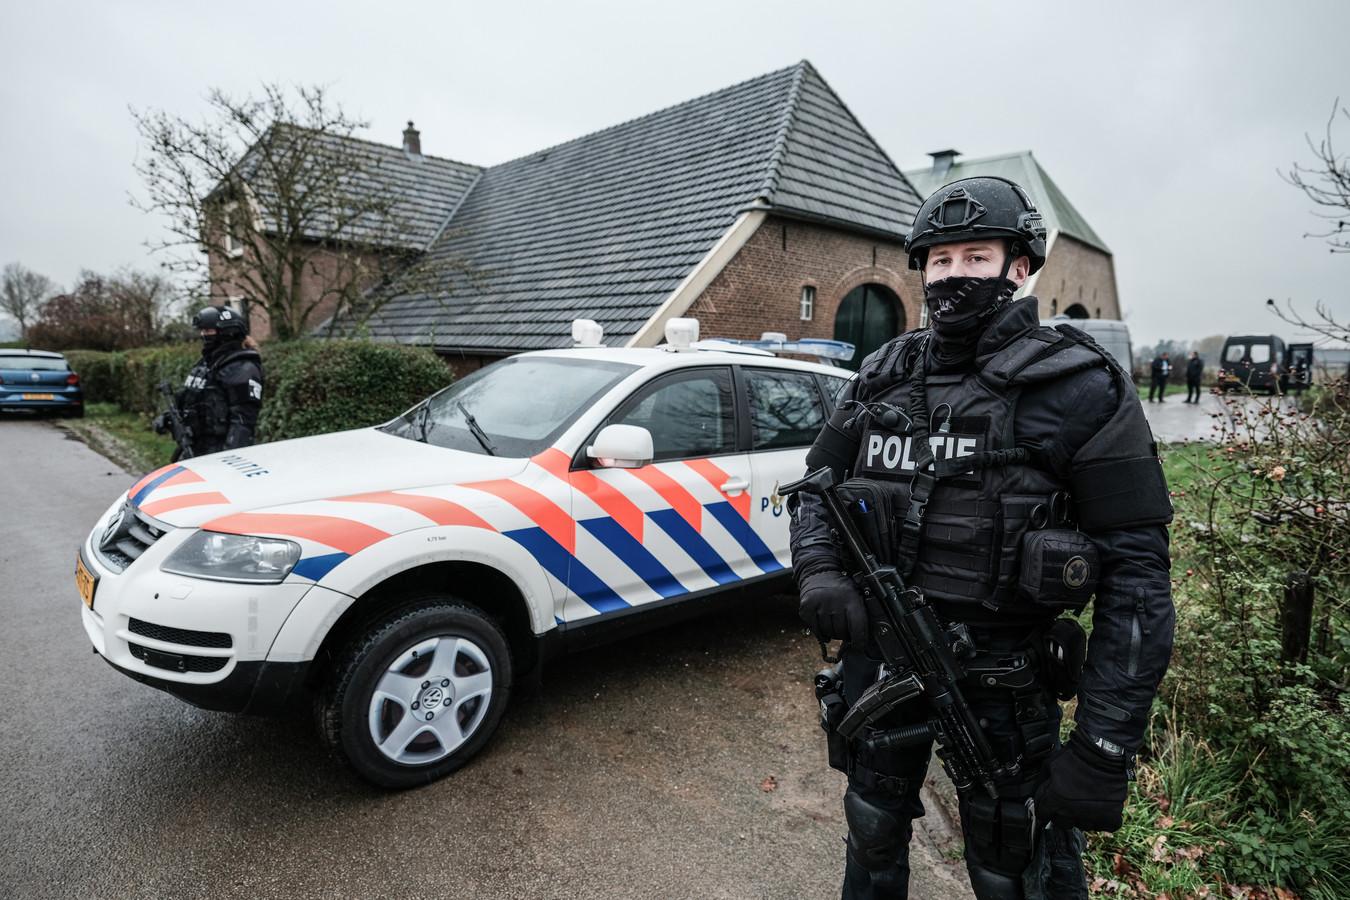 Zwaarbewapende agenten bewaken de locatie van het drugslab in Baak tijdens de ontmanteling daarvan begin december vorig jaar.